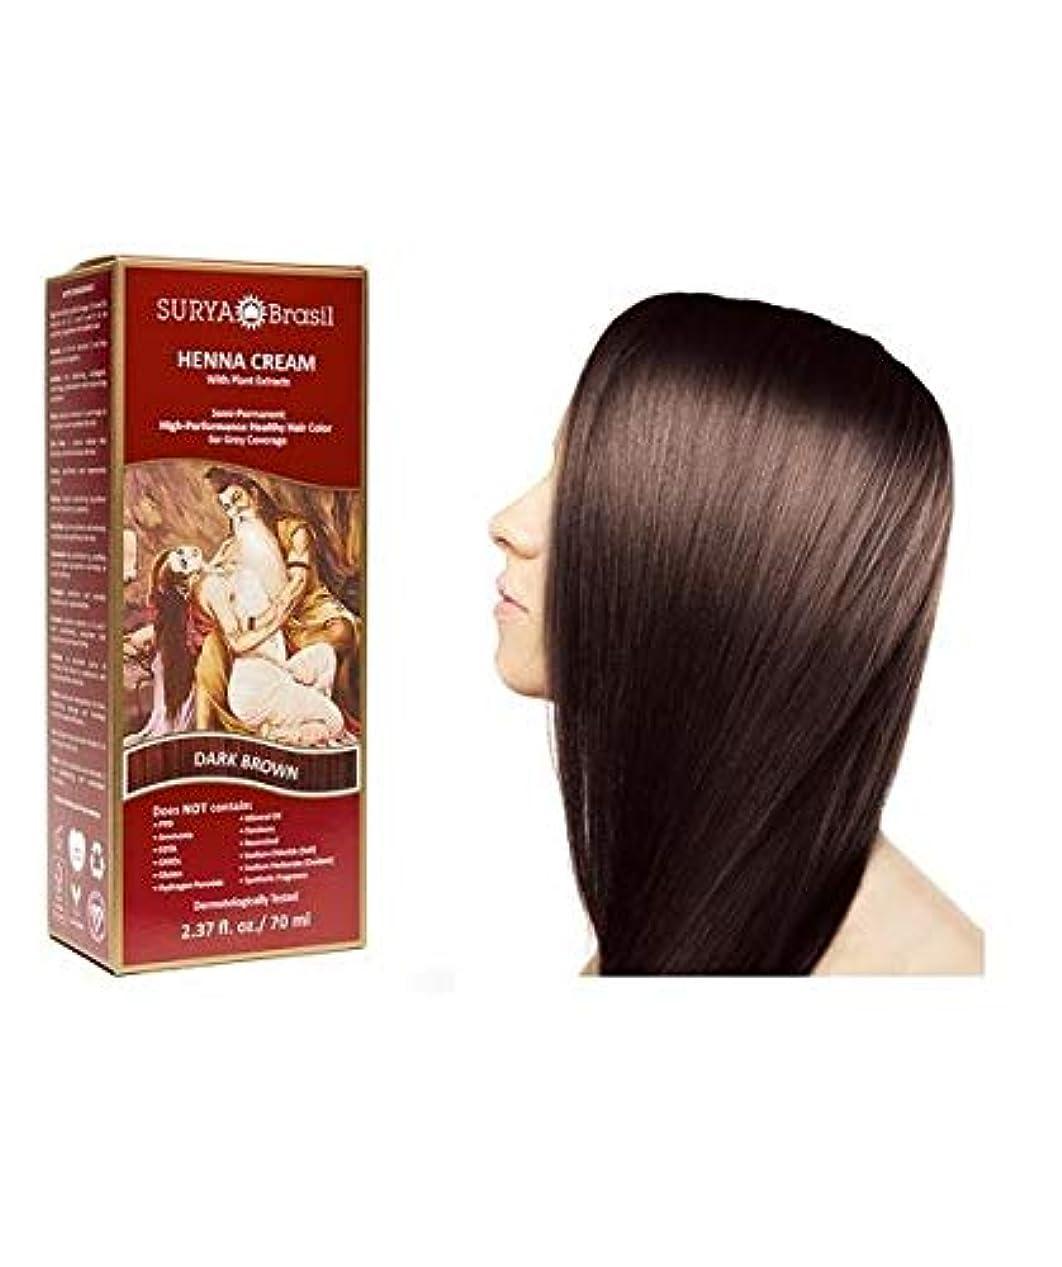 確実ルネッサンス周囲Surya Henna Henna Cream High-Performance Healthy Hair Color for Grey Coverage Dark Brown 2 37 fl oz 70 ml